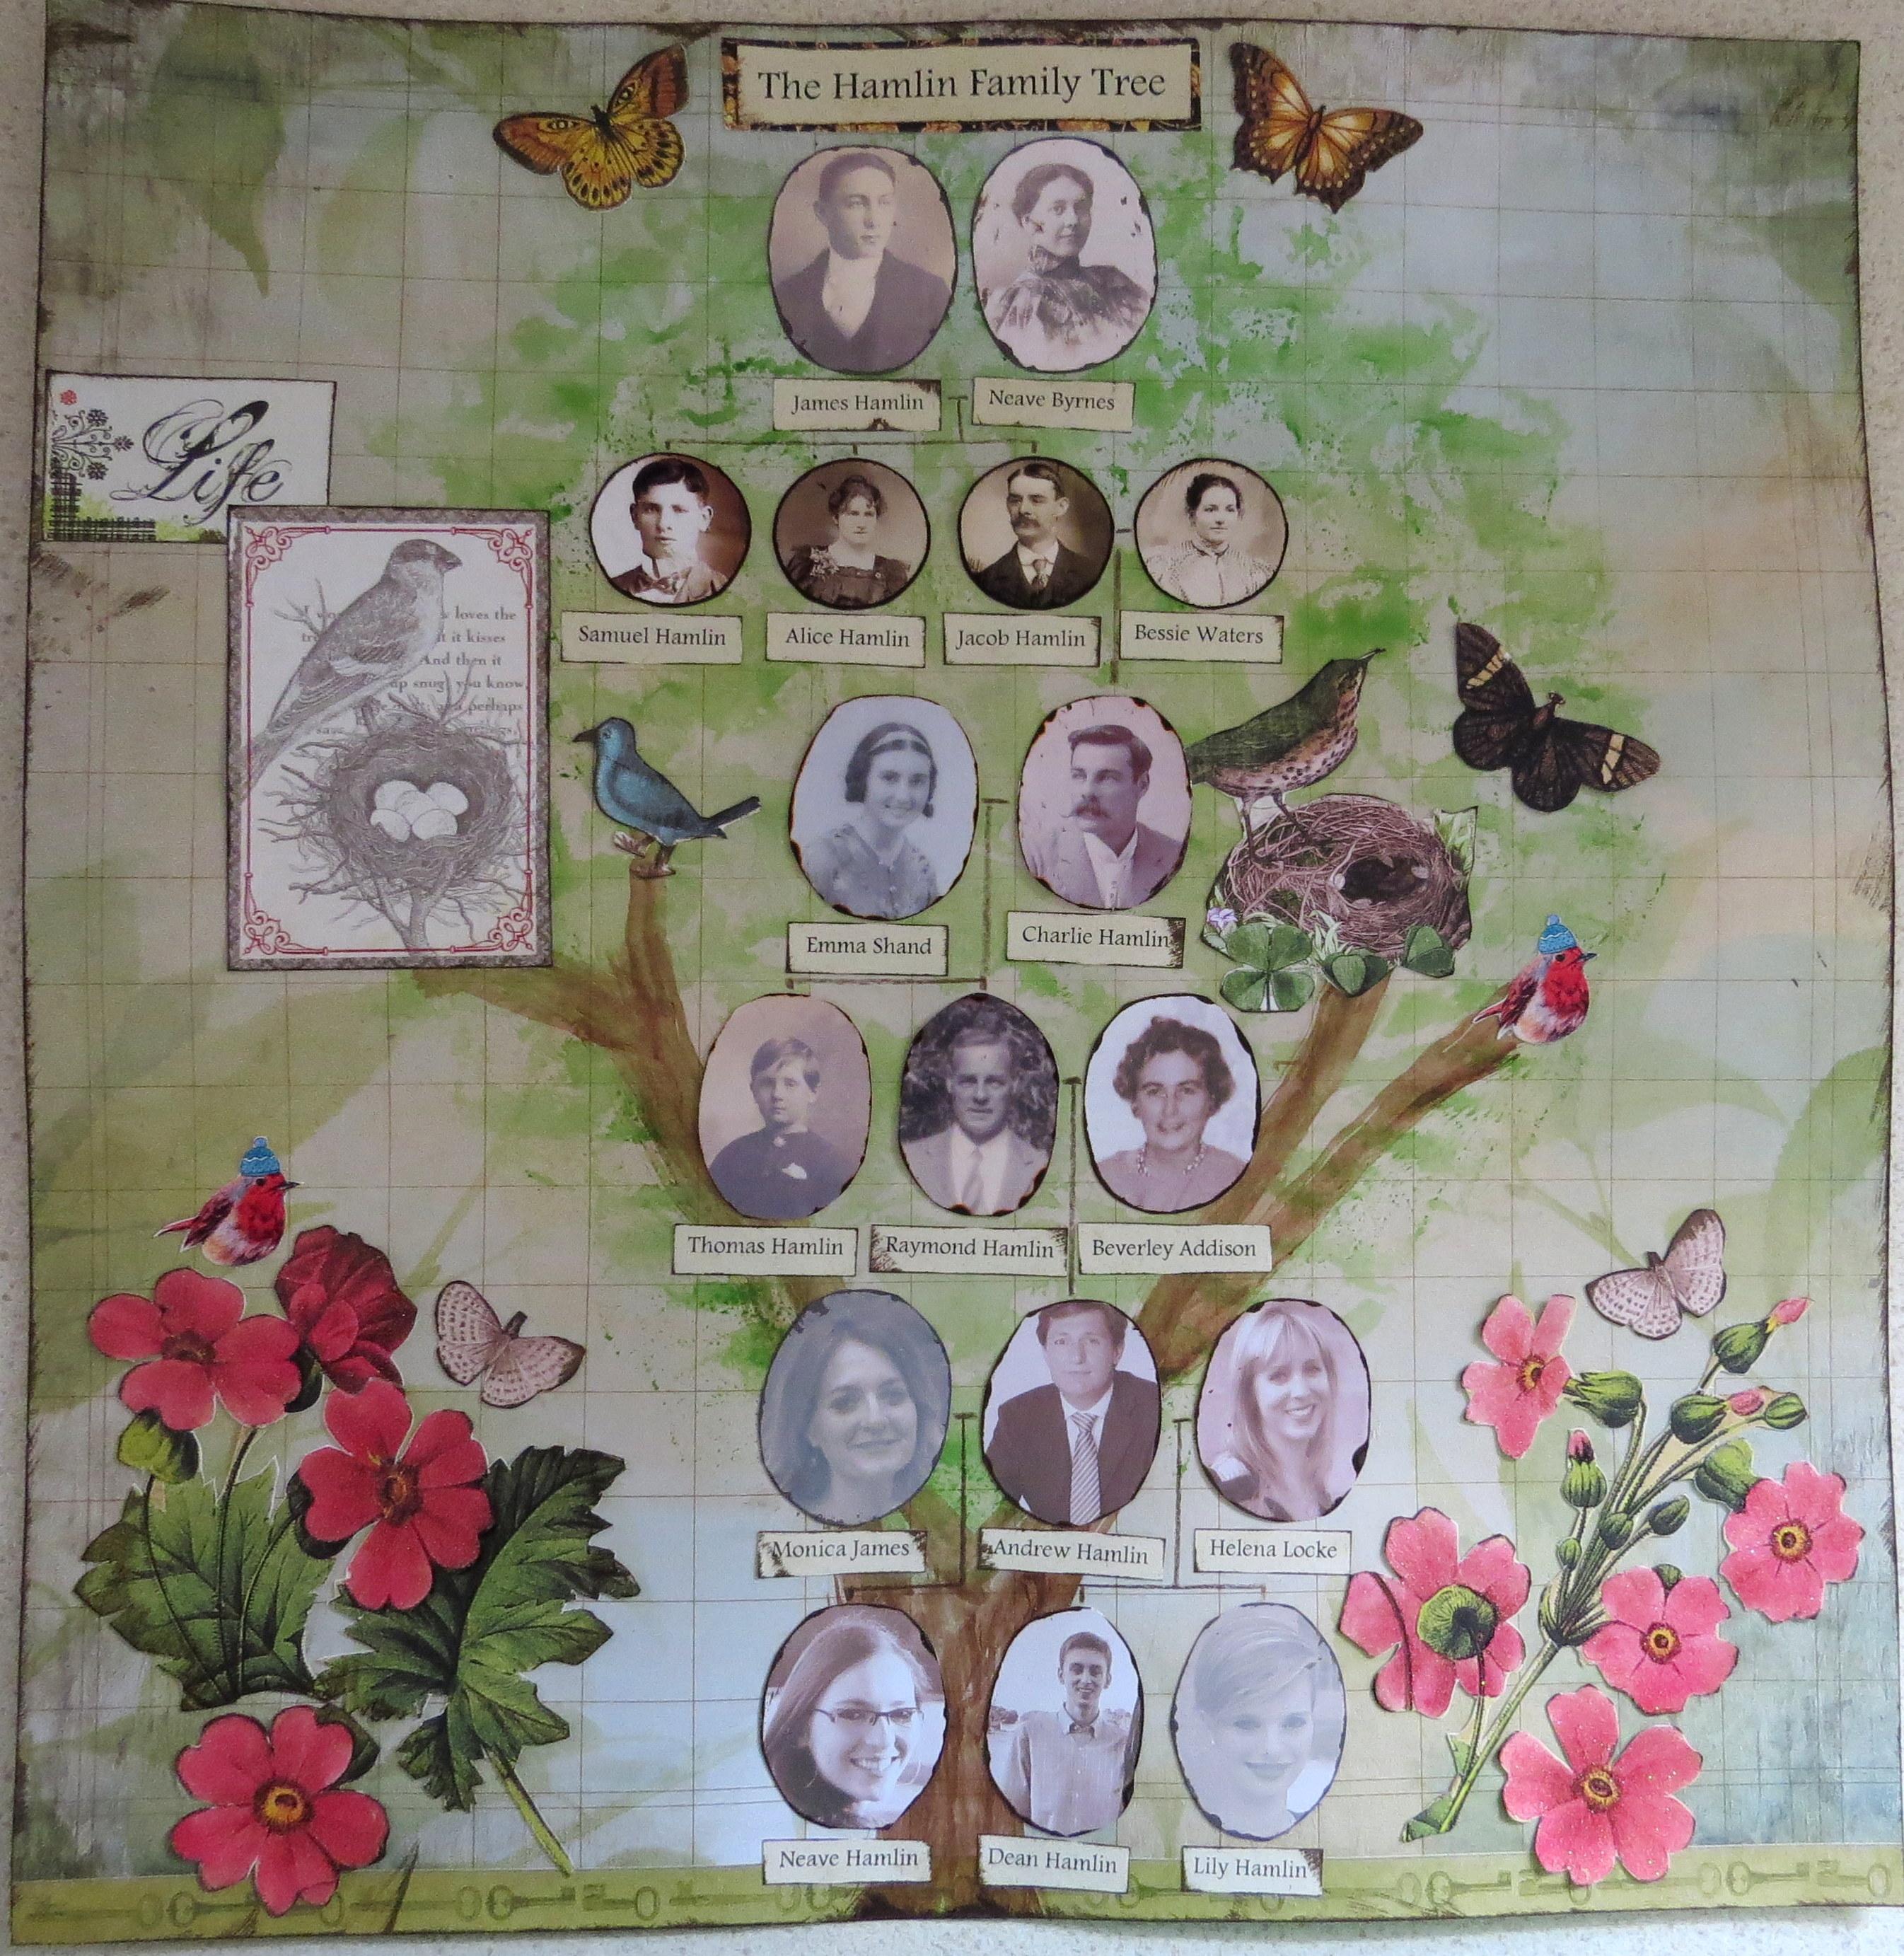 How to scrapbook family tree - Hamlin Family Tree